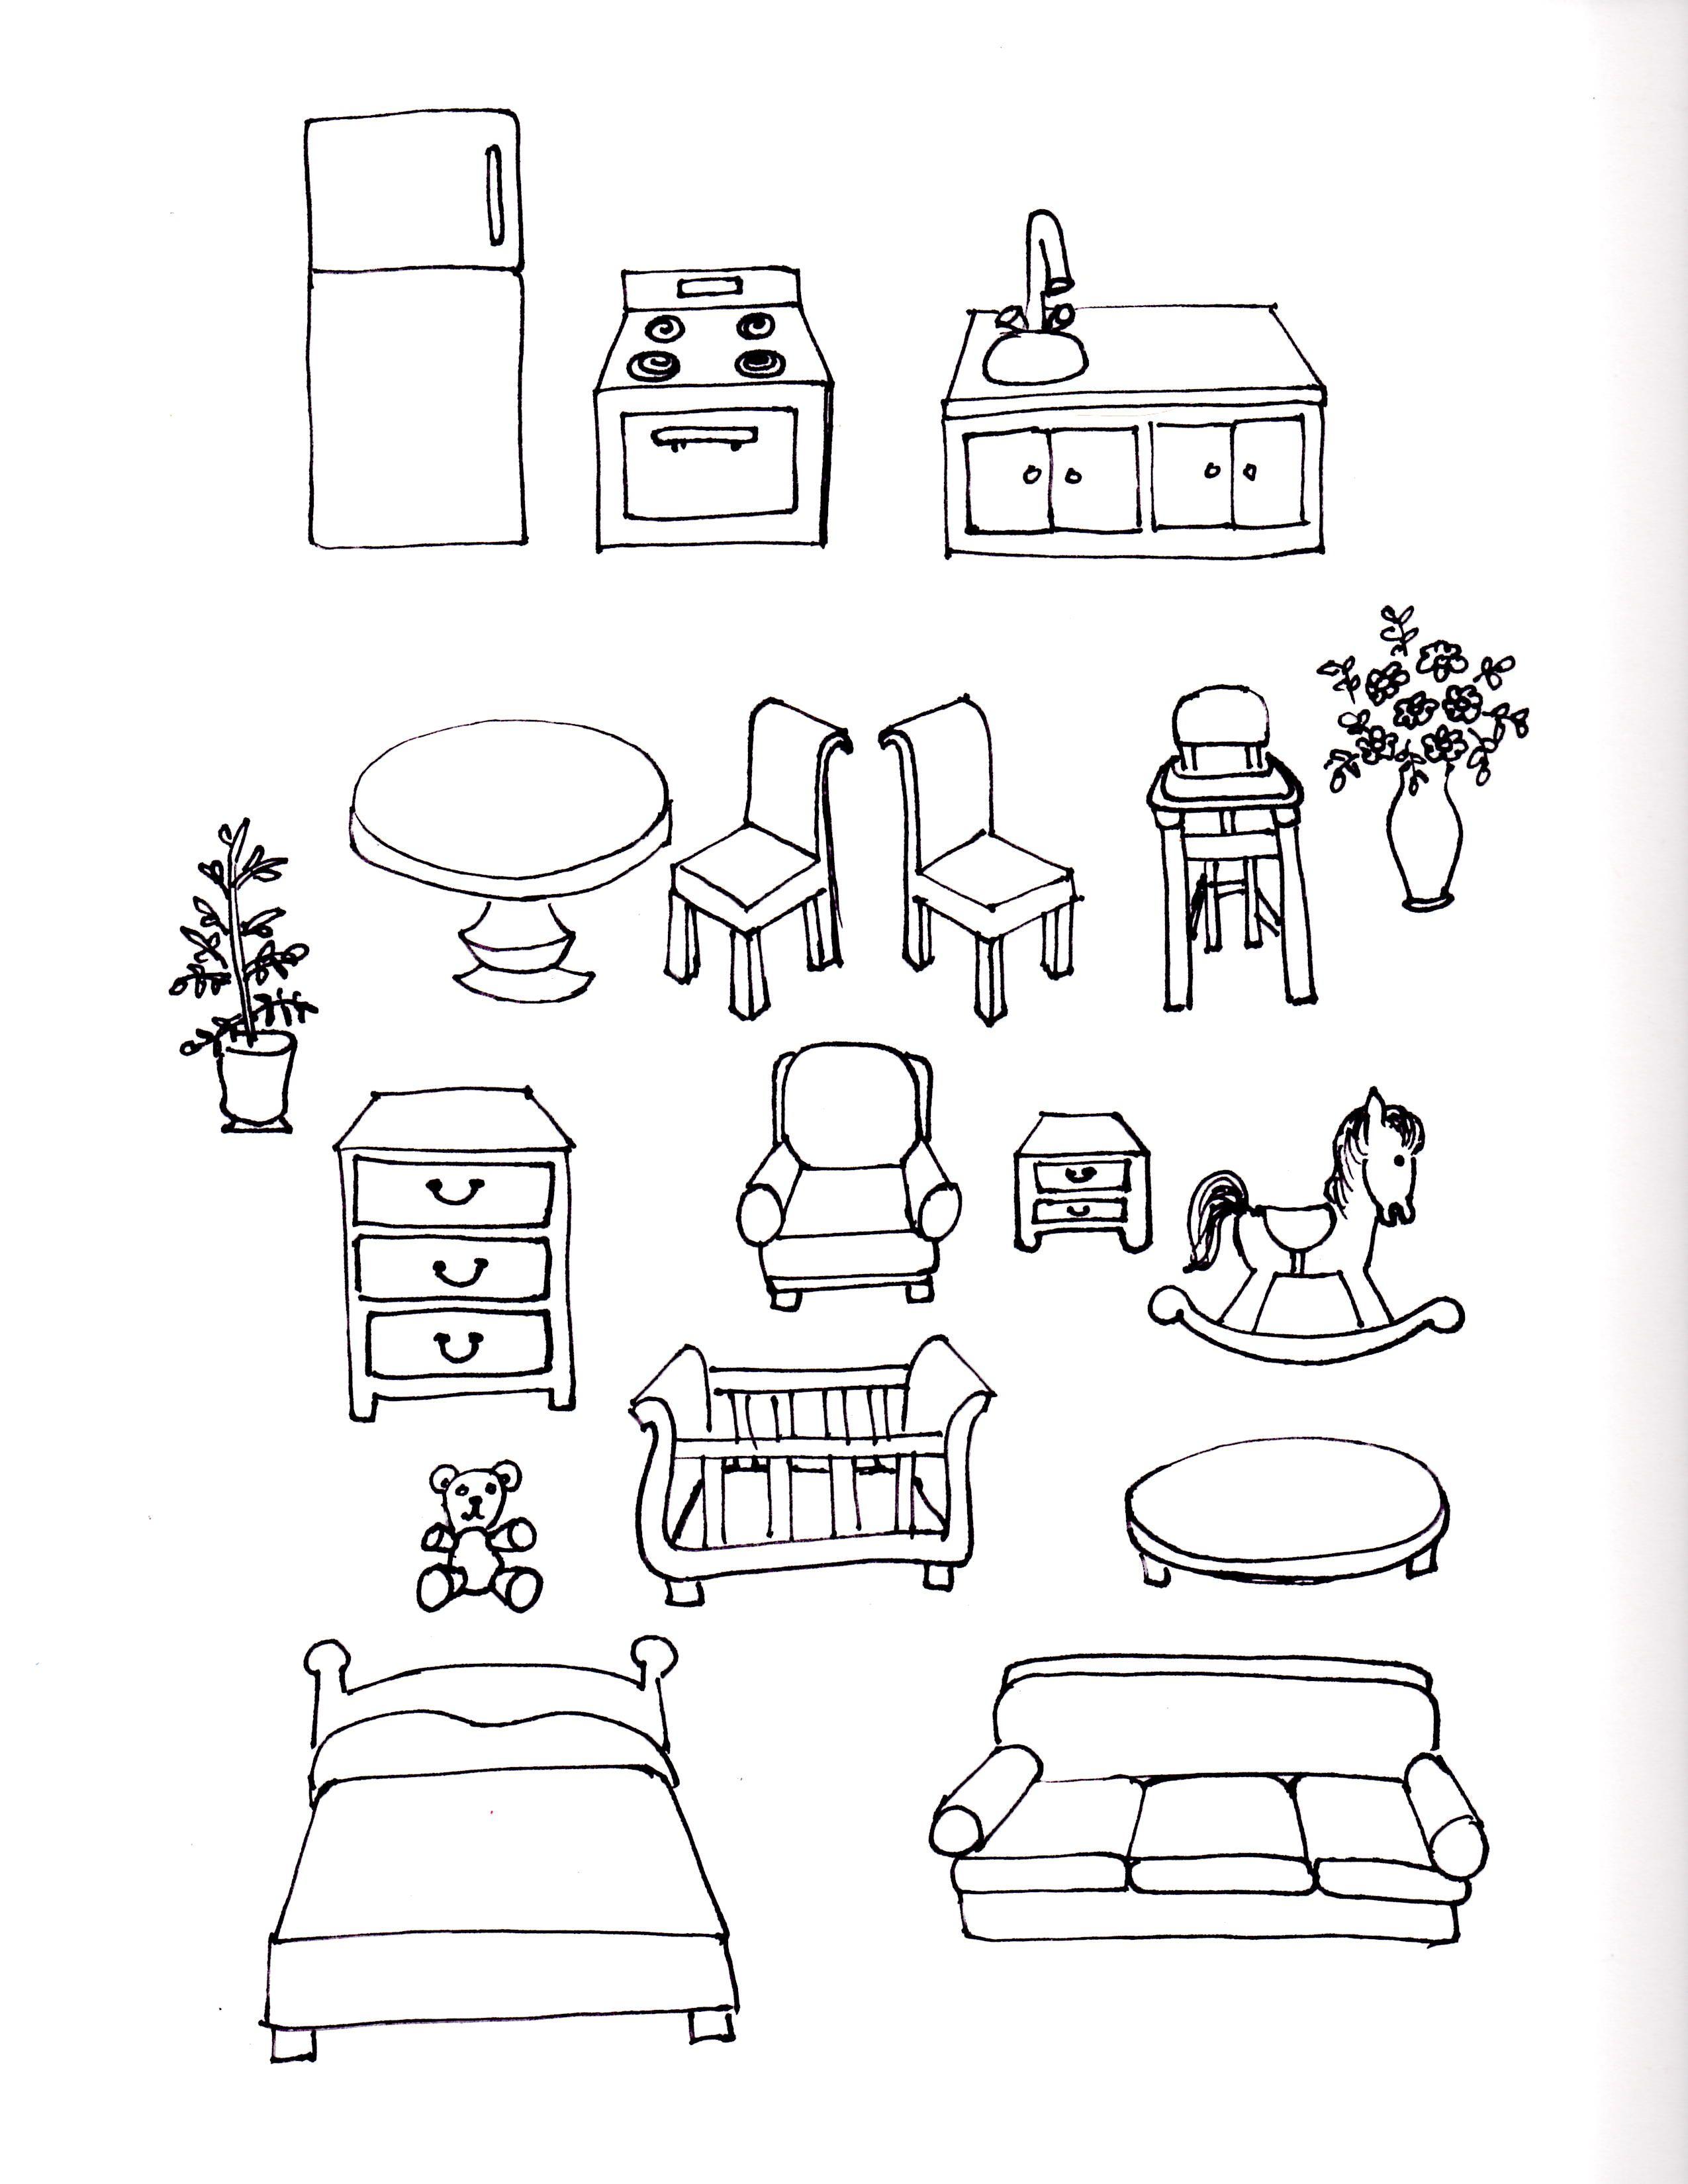 Smaller Version Of Paper Doll Furniture Furniture Sketch Children Sketch Doodle Art Drawing